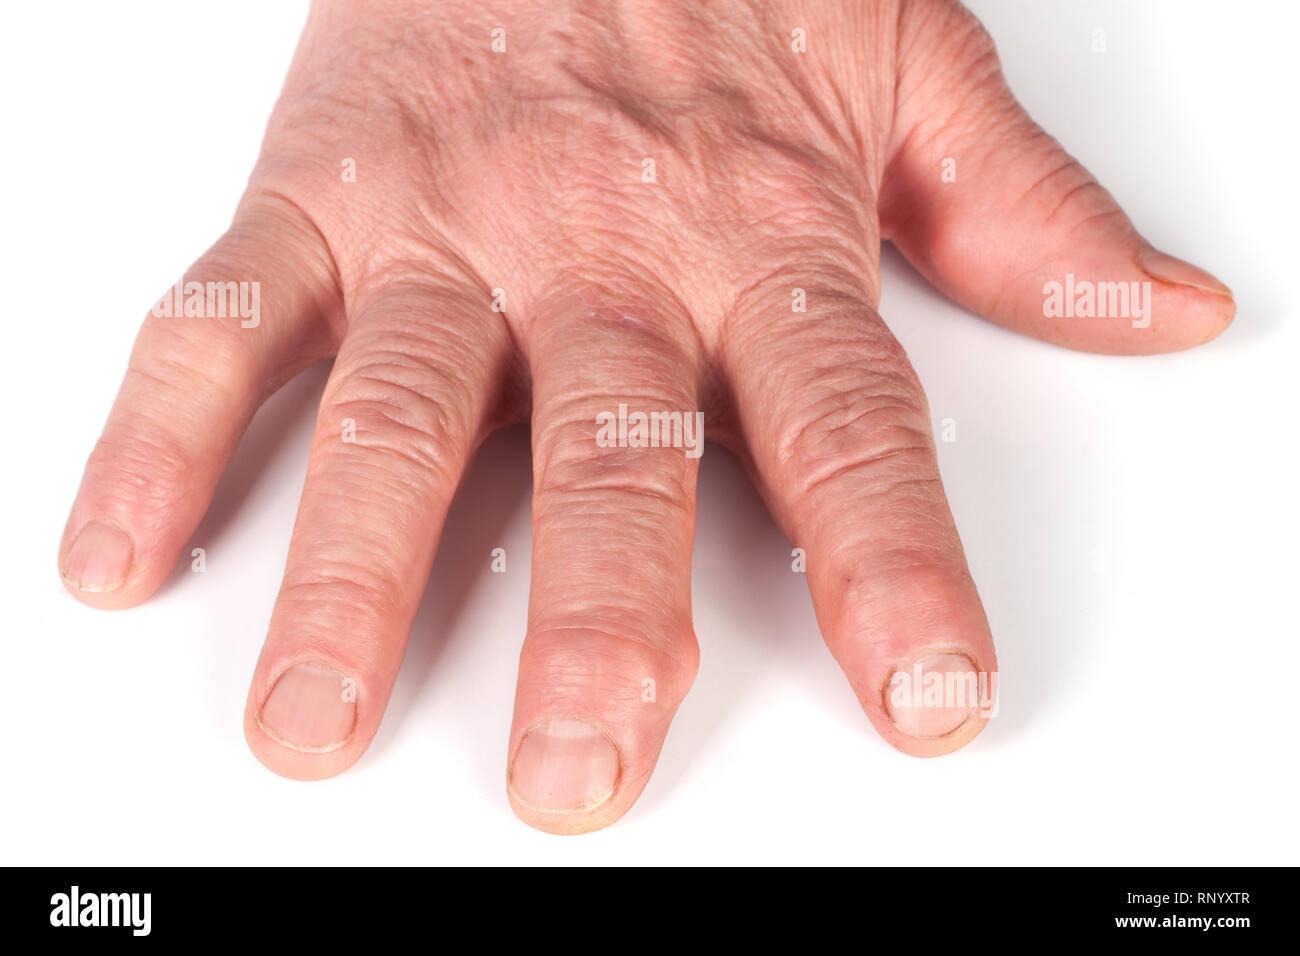 Rheumatoid polyarthritis of hands isolated on white background. - Stock Image